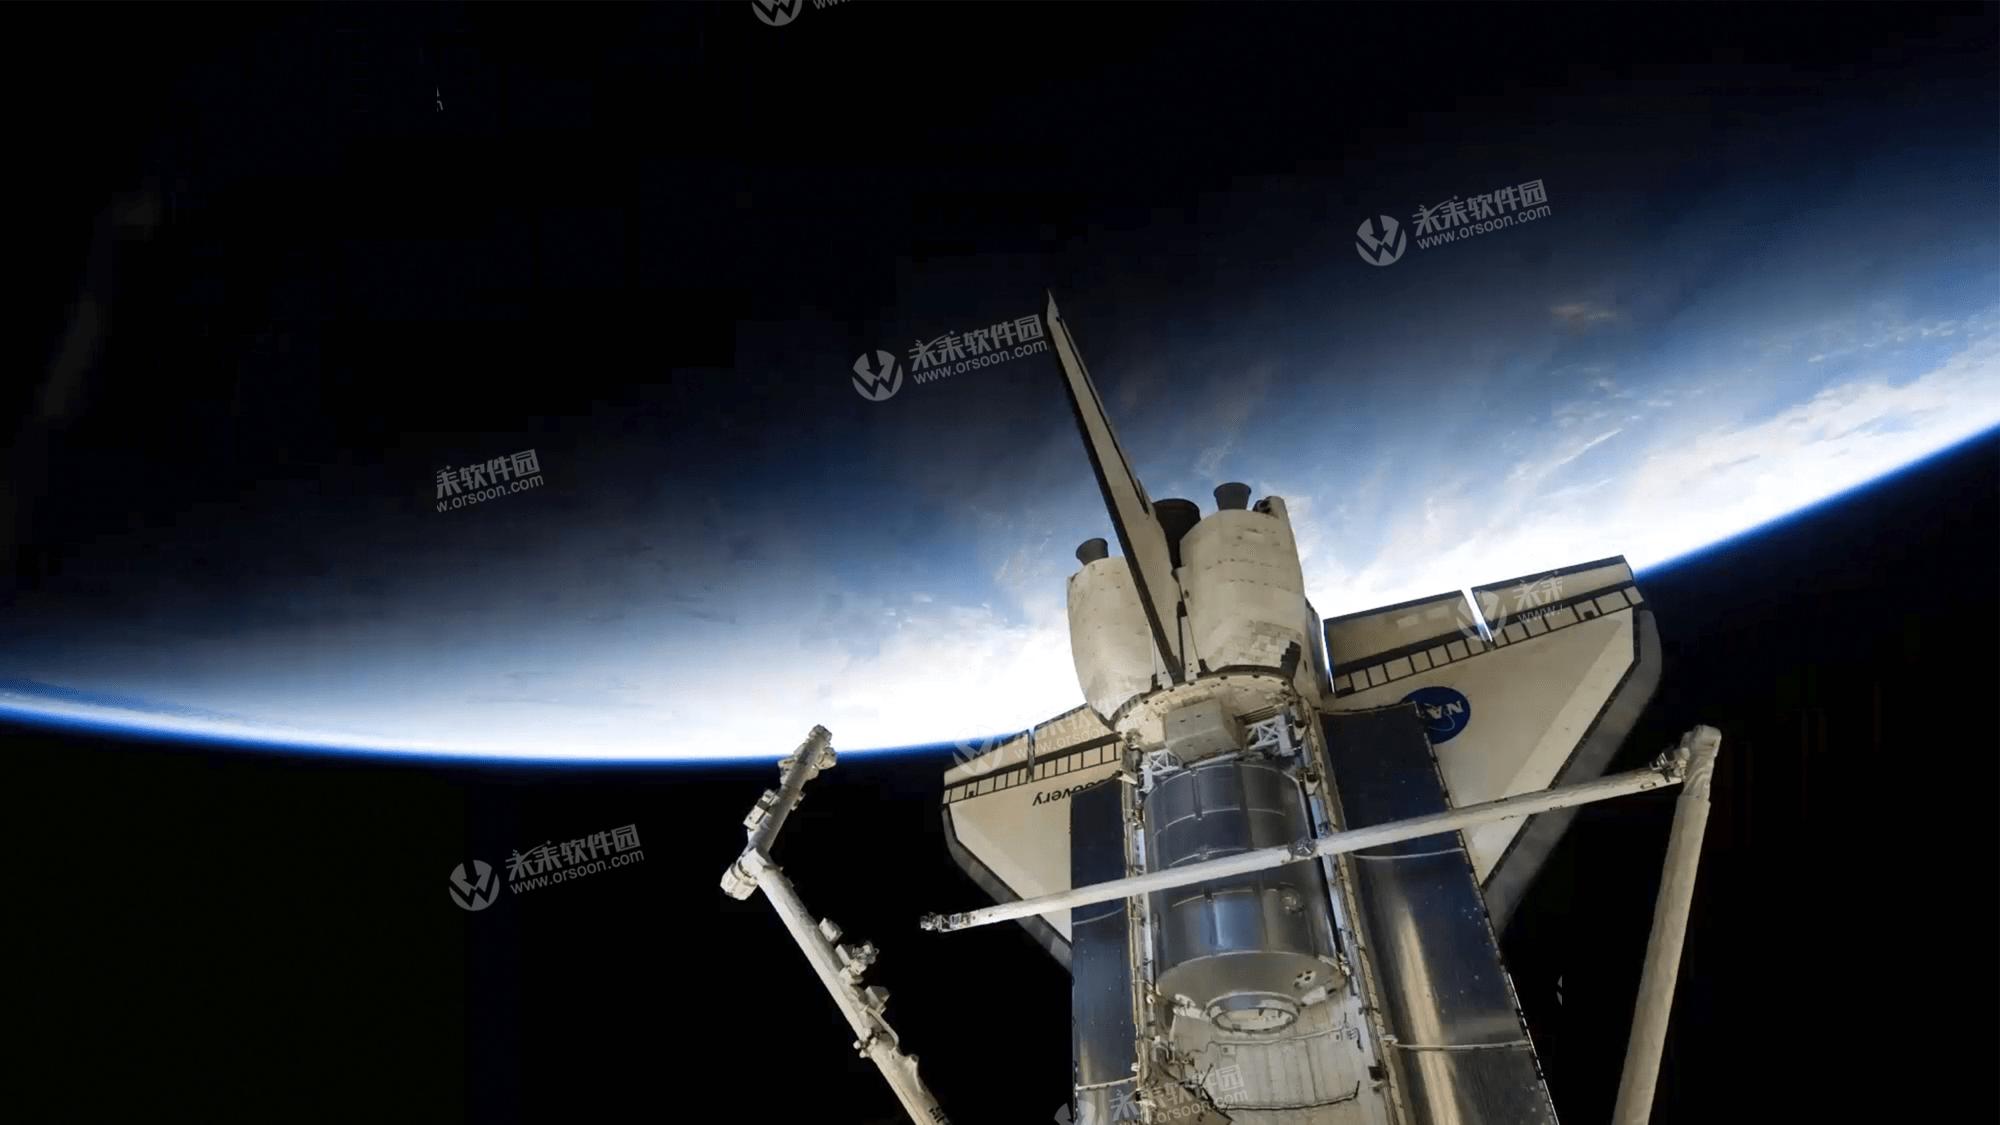 国际空间站看地球5k动态壁纸